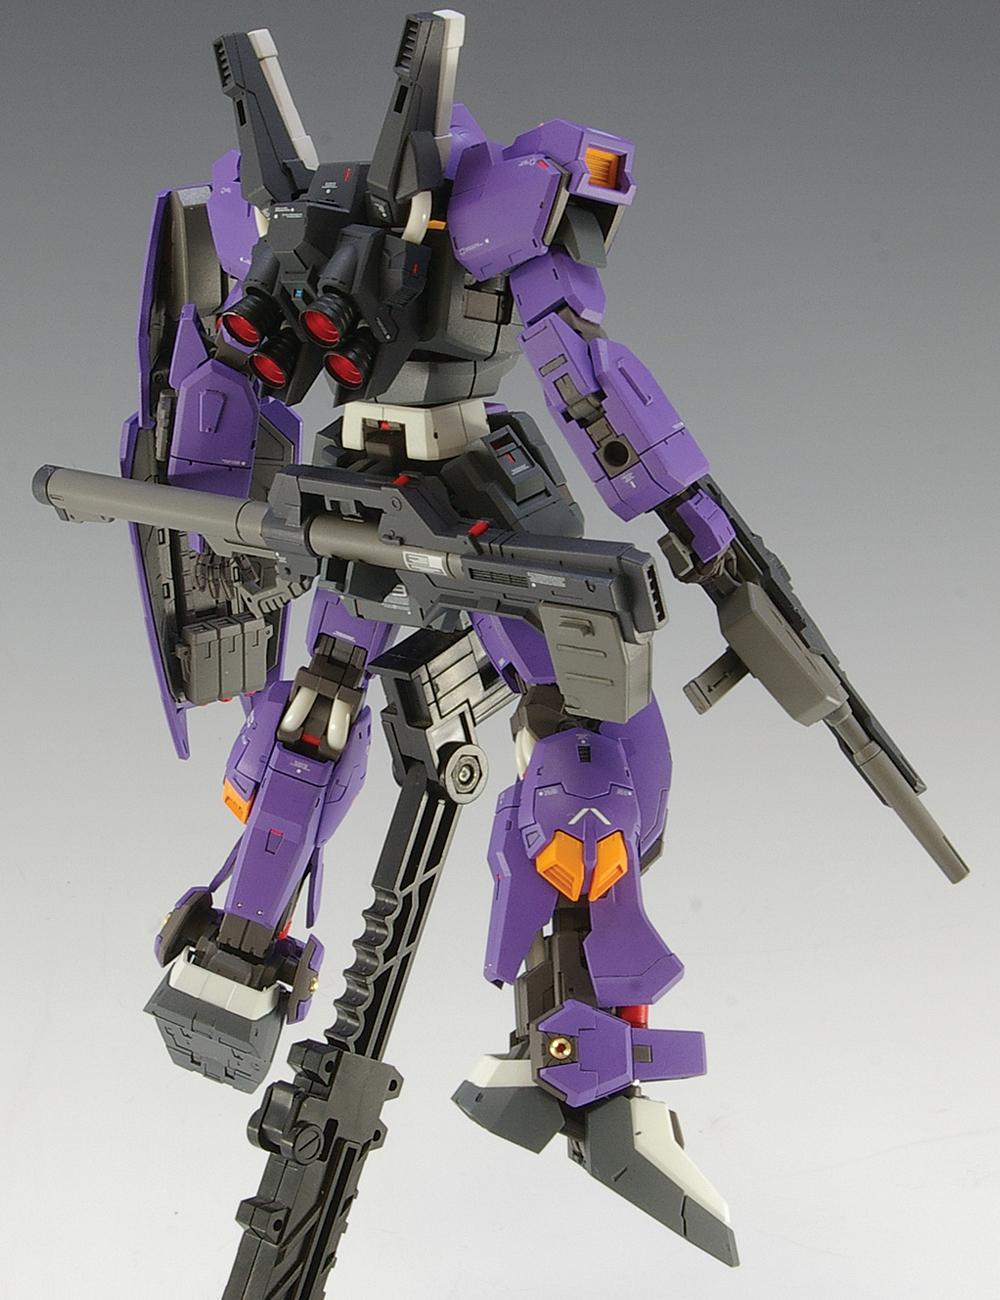 RG ガンダムMk-II 改修作例